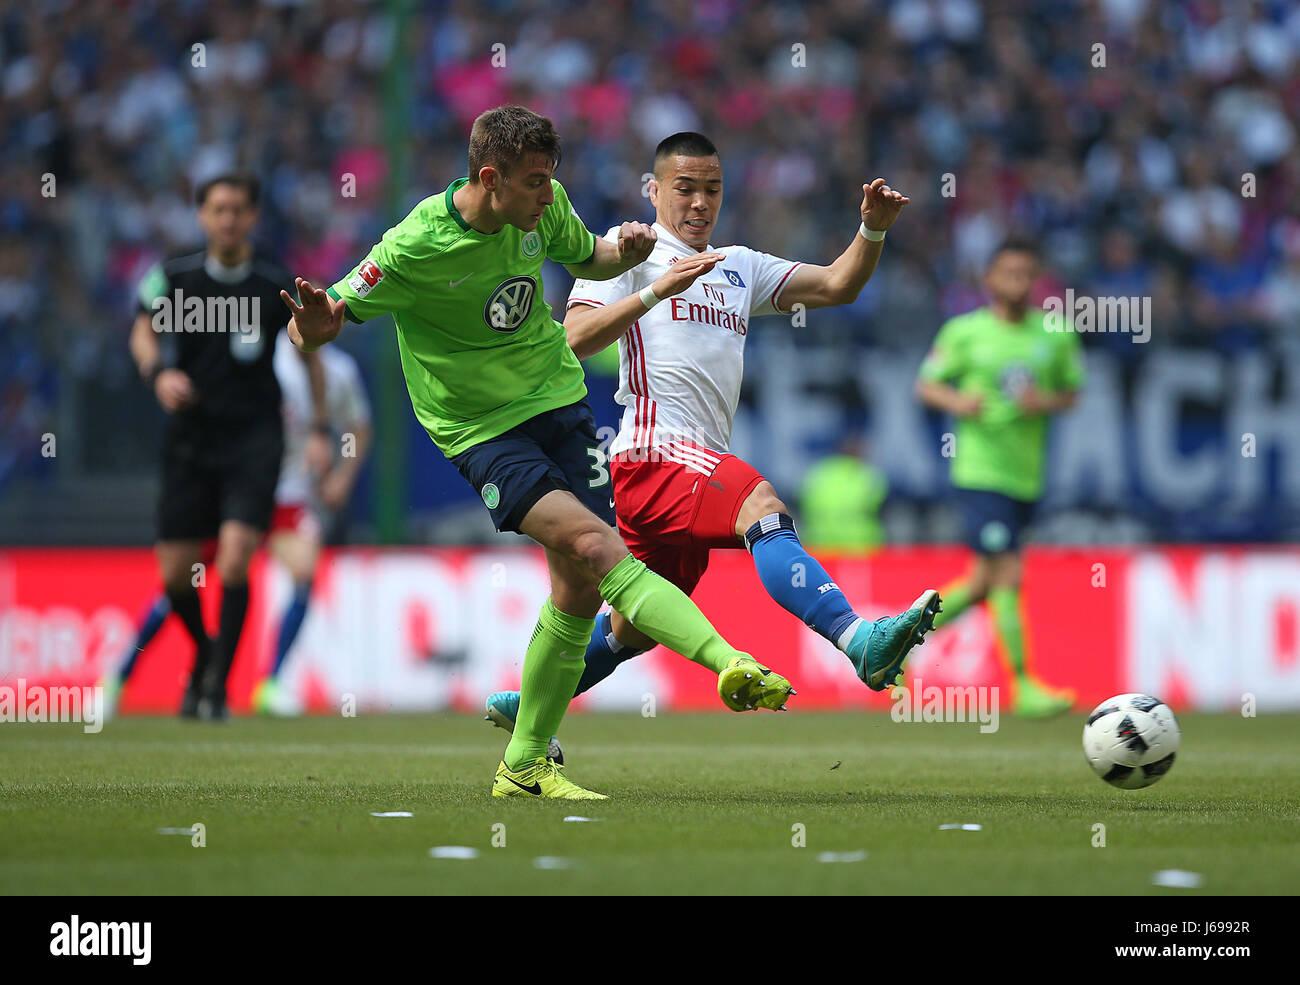 20052017 Fussball 1 Bundesliga 20162017 34 Spieltag